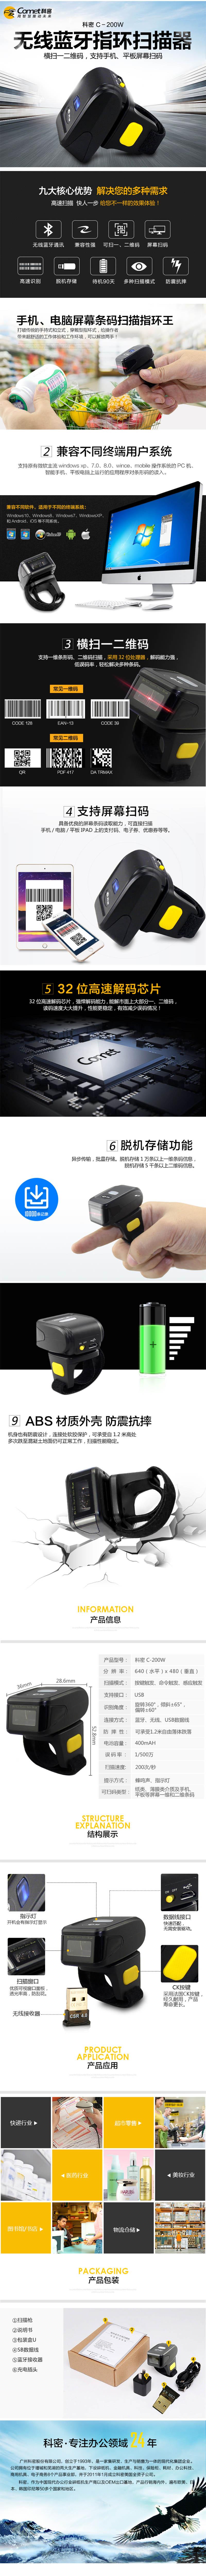 科密C-200W 可穿戴便携式扫描枪一二维码蓝牙条码枪 仓储快递物流 手机PC屏幕扫码器